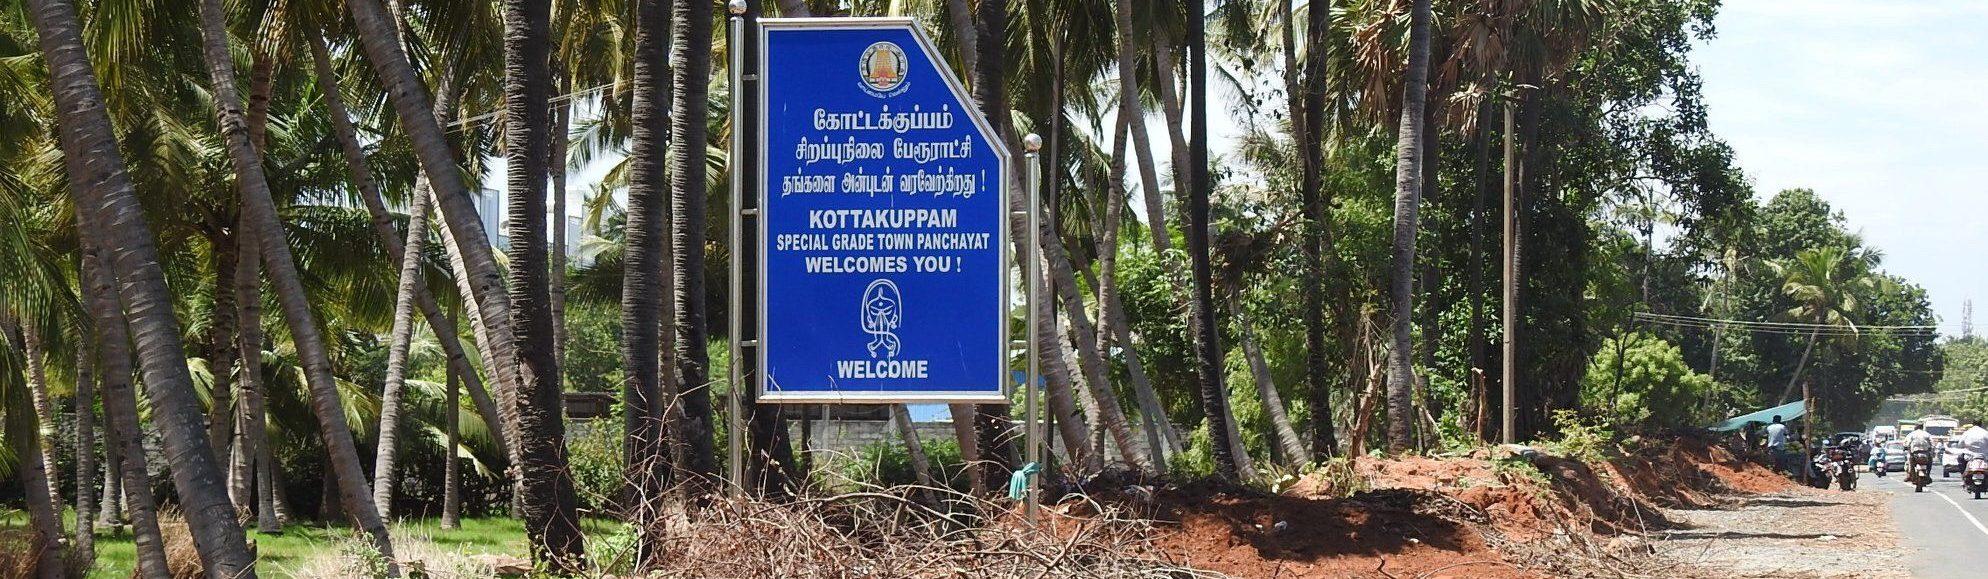 kottakuppam town panchayat